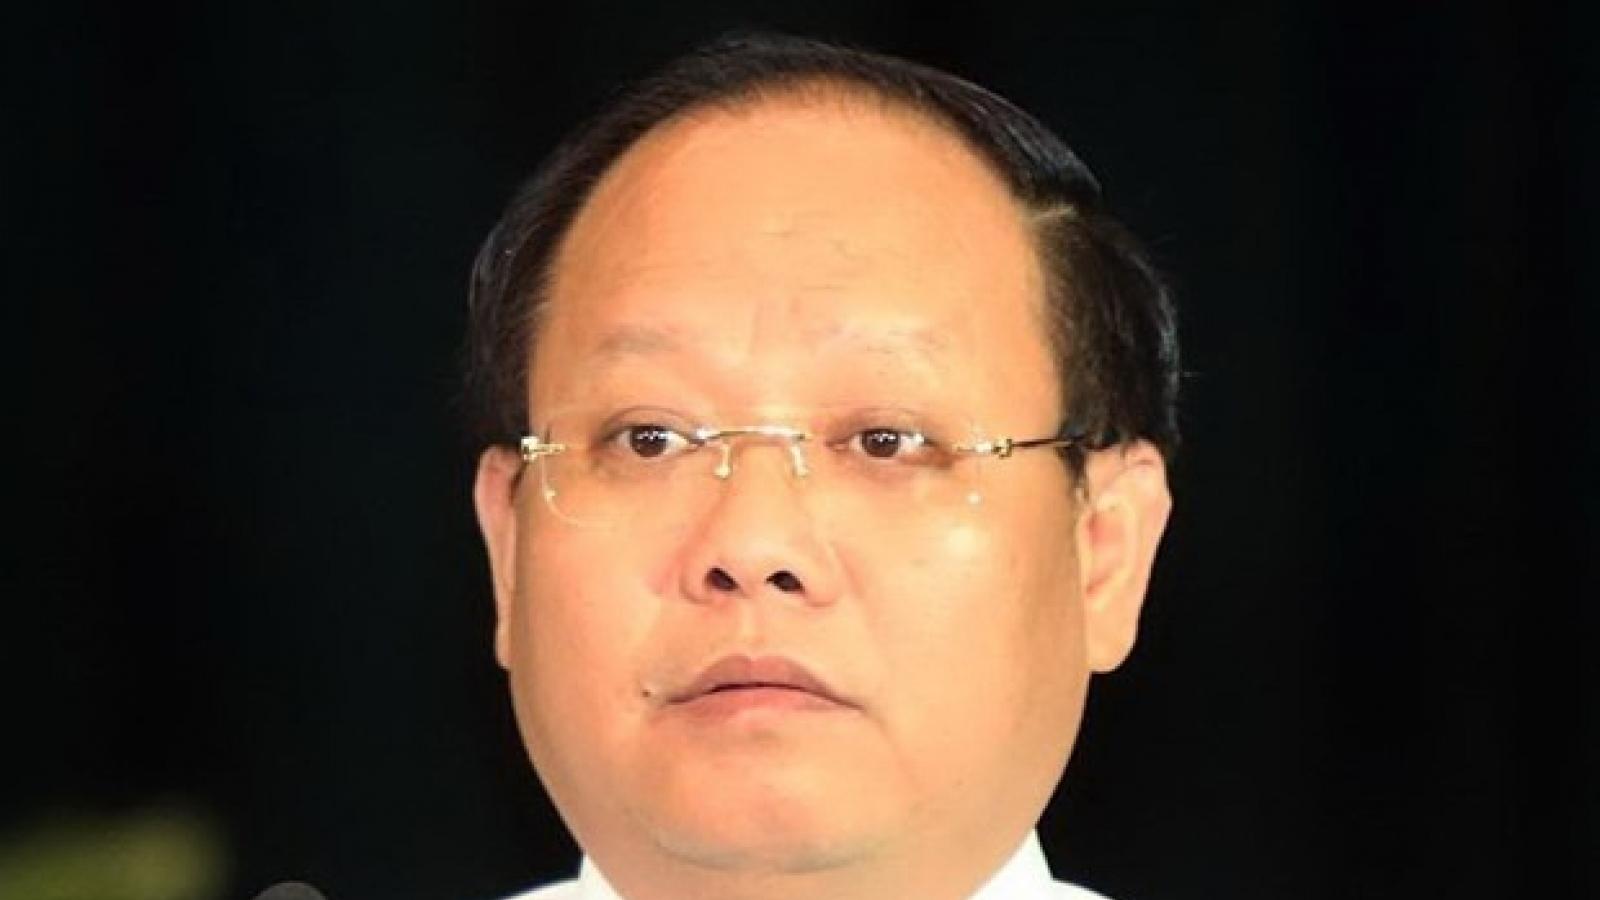 Vụ án Công ty Đầu tư và Xây dựng Tân Thuận: Khởi tố ông Tất Thành Cang